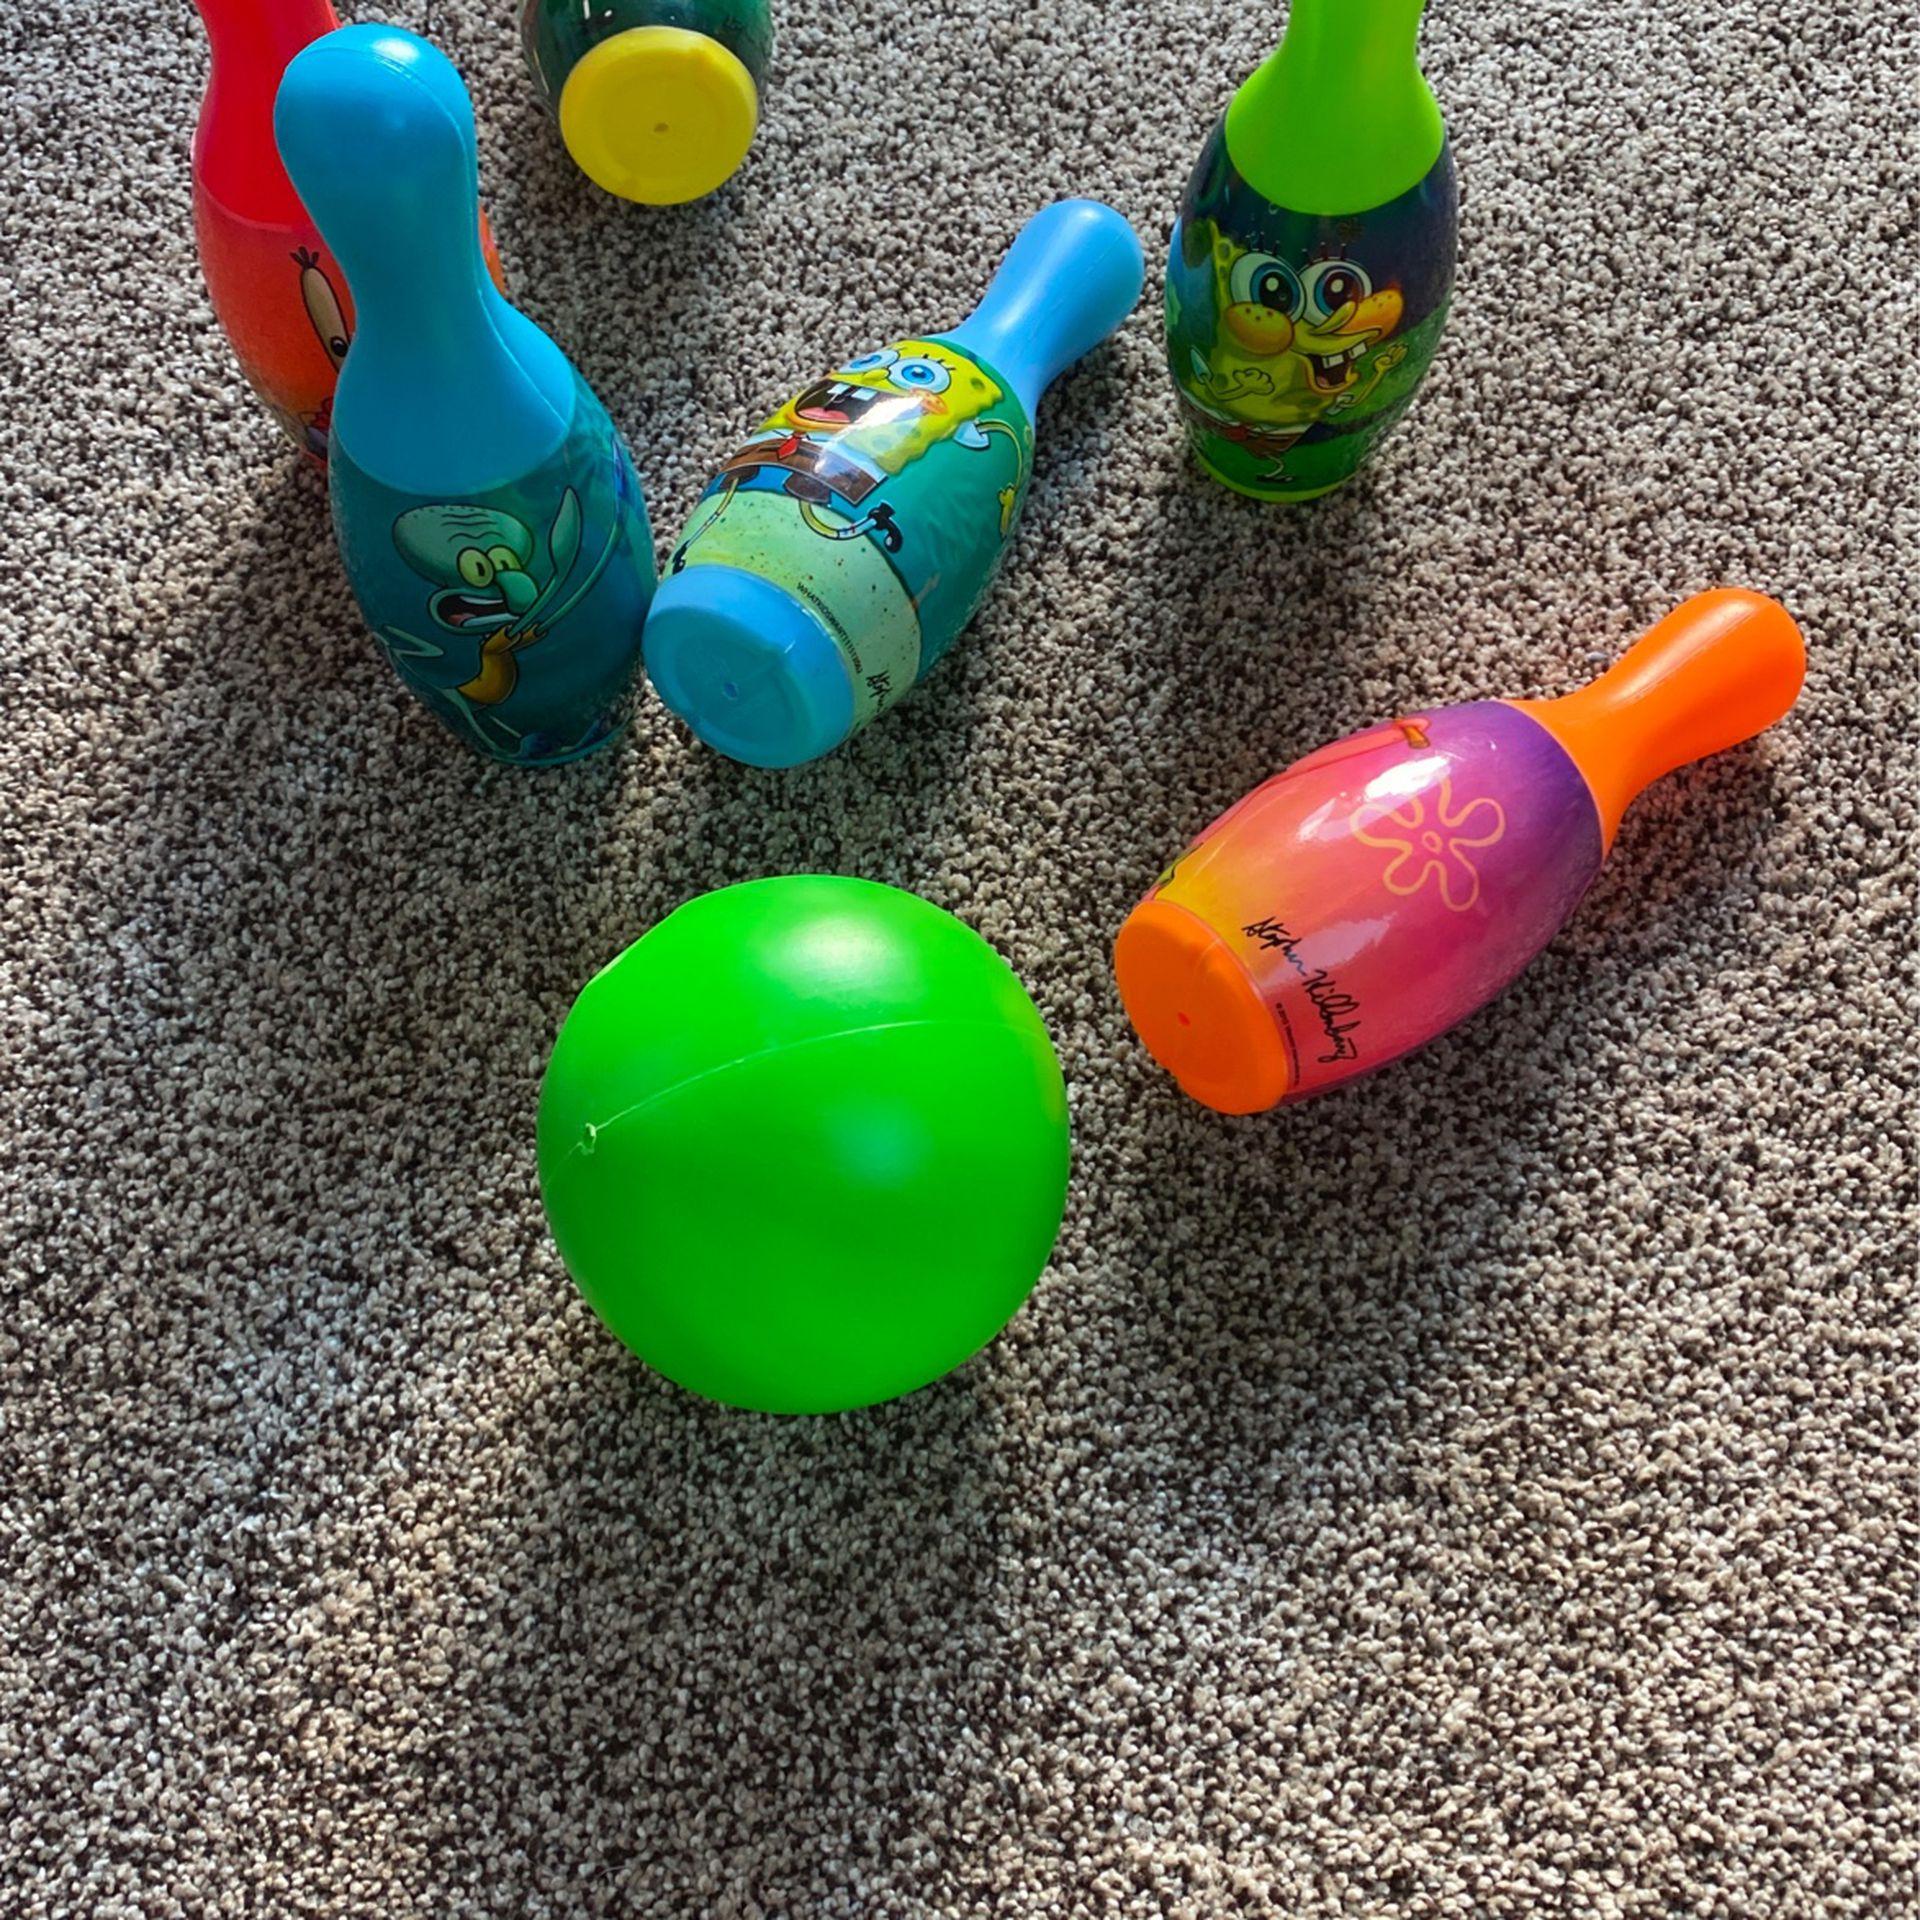 Spongebob Little Bowling